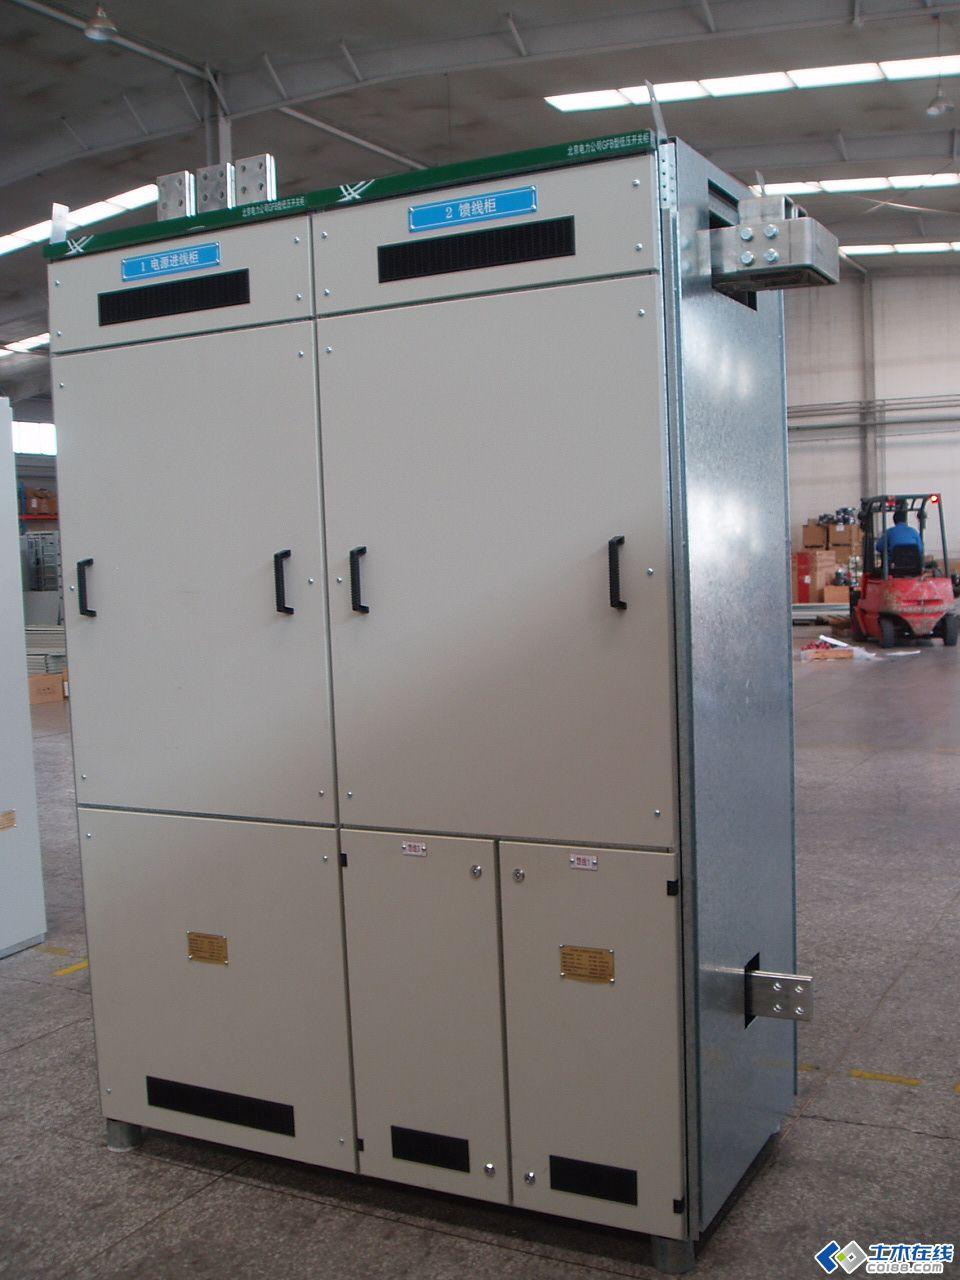 北京小区配电室gfb型配电柜